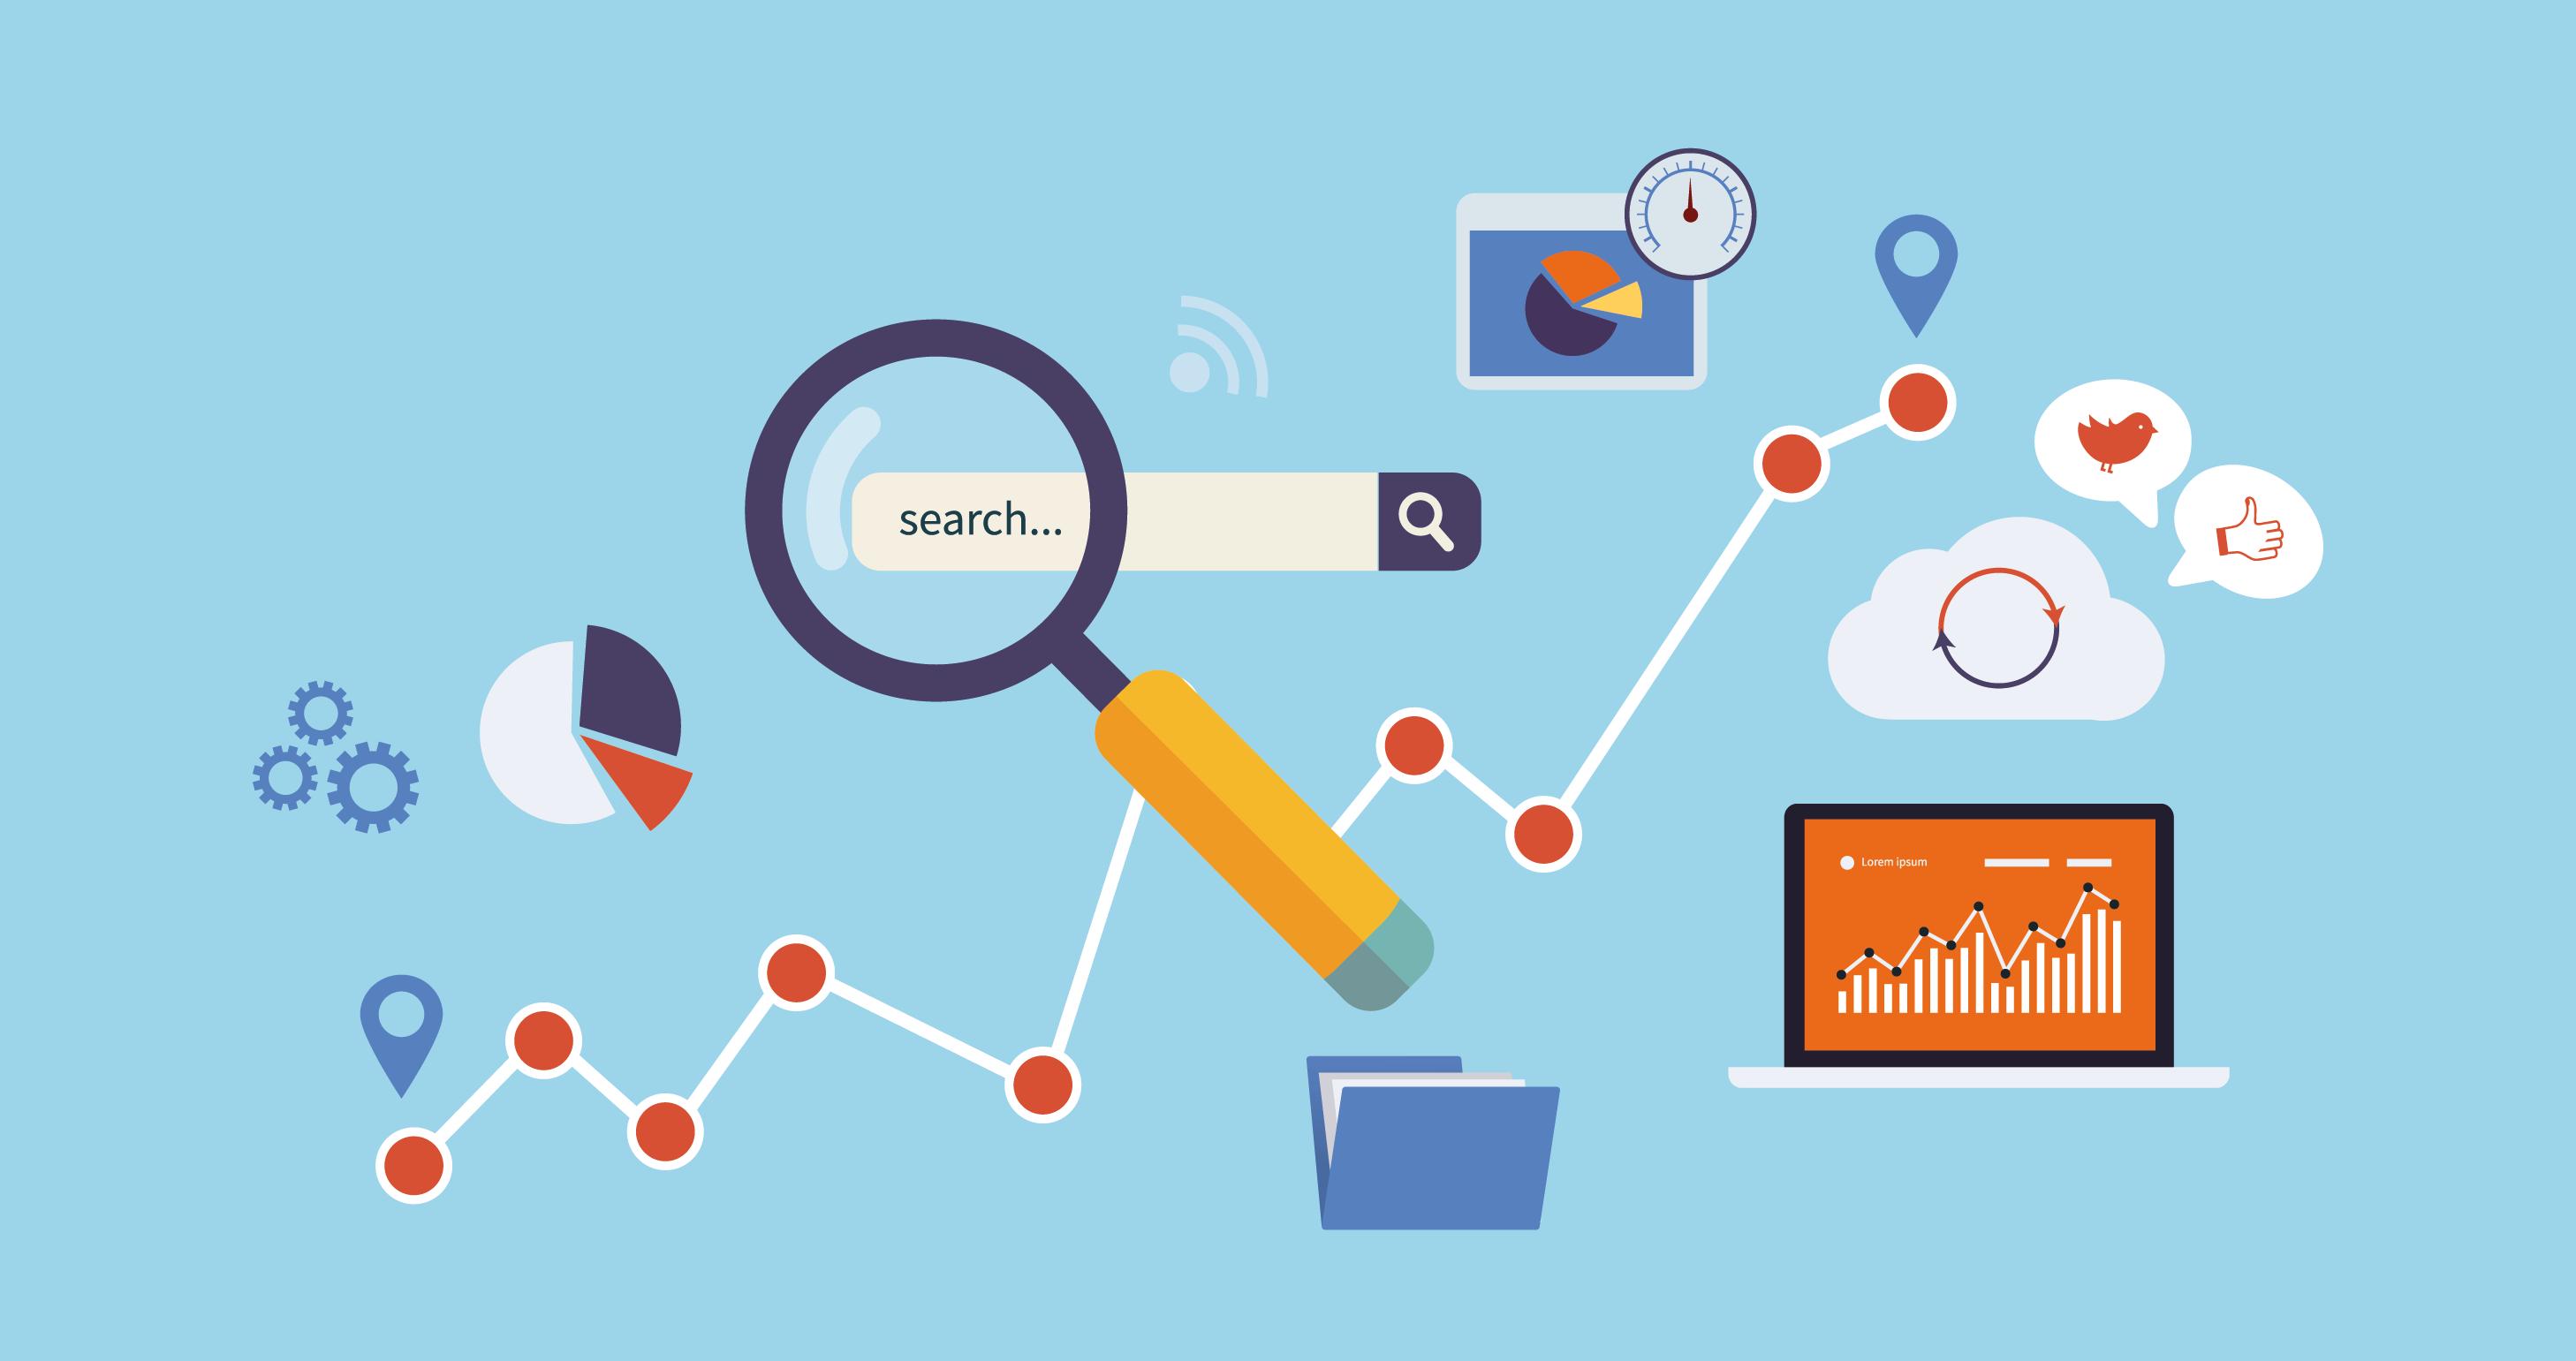 Анализ сайта - Инструменты для вебмастера и оптимизатора